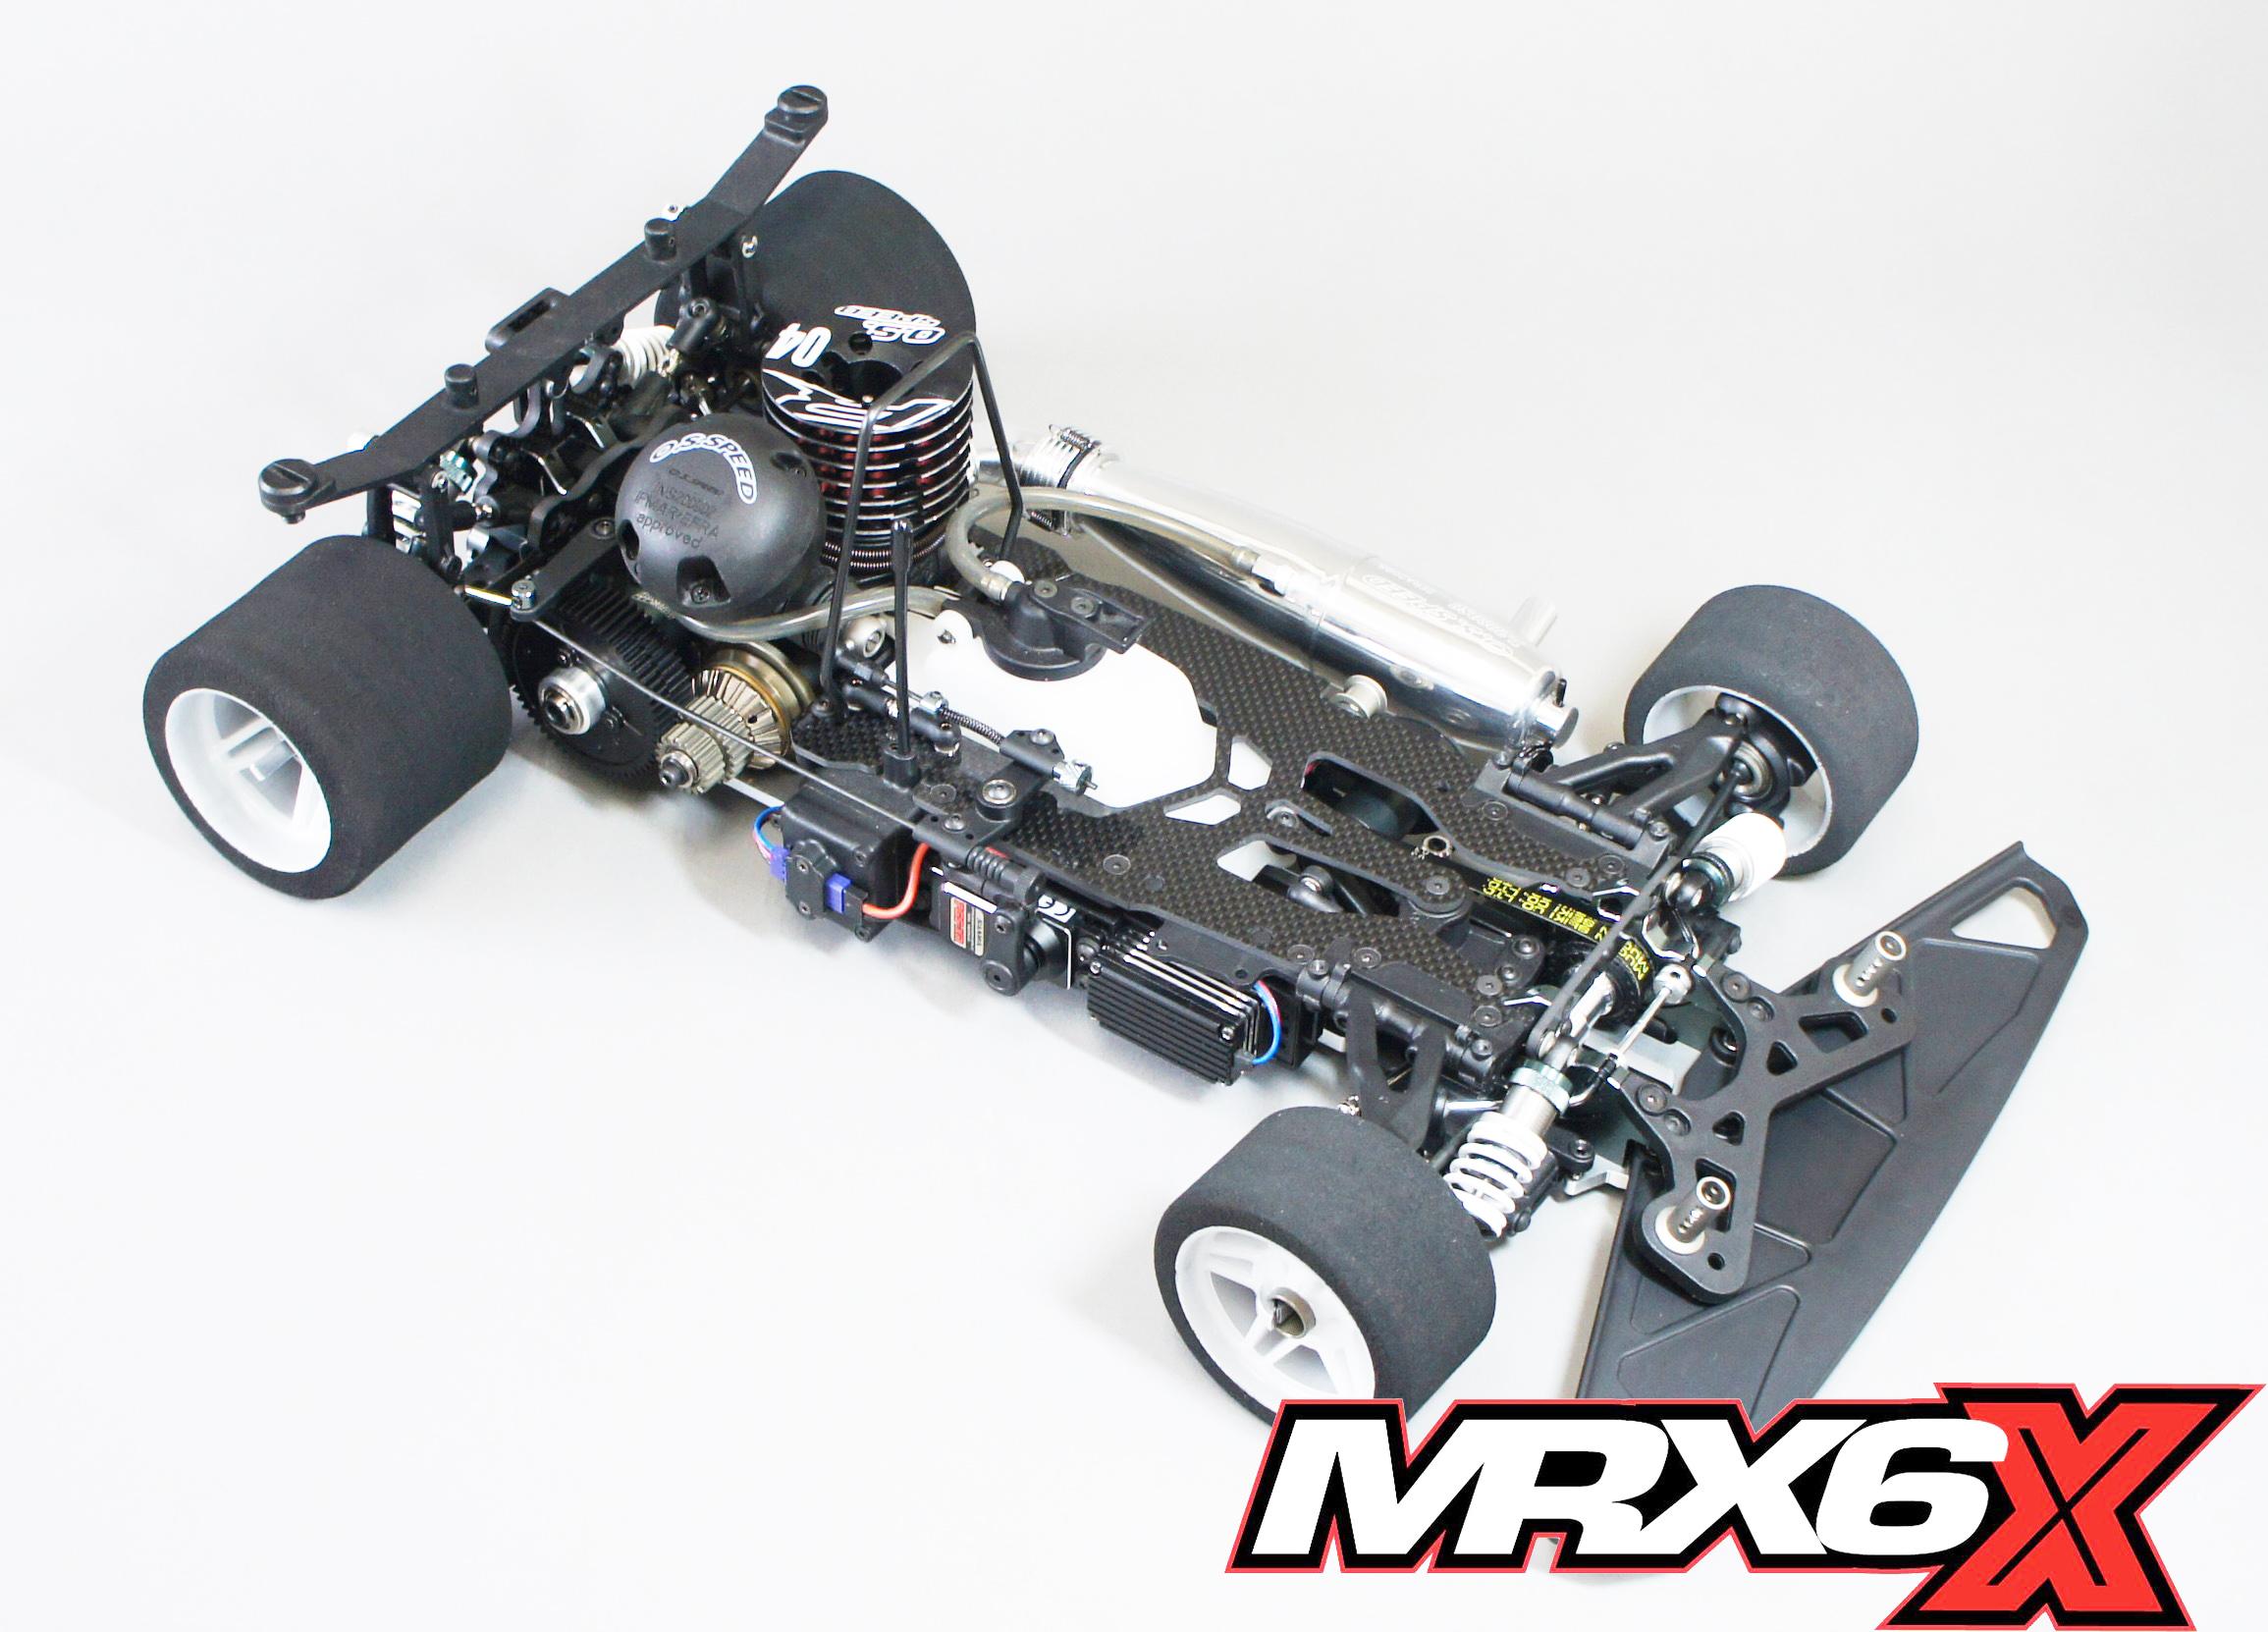 mrx6x-4.jpg